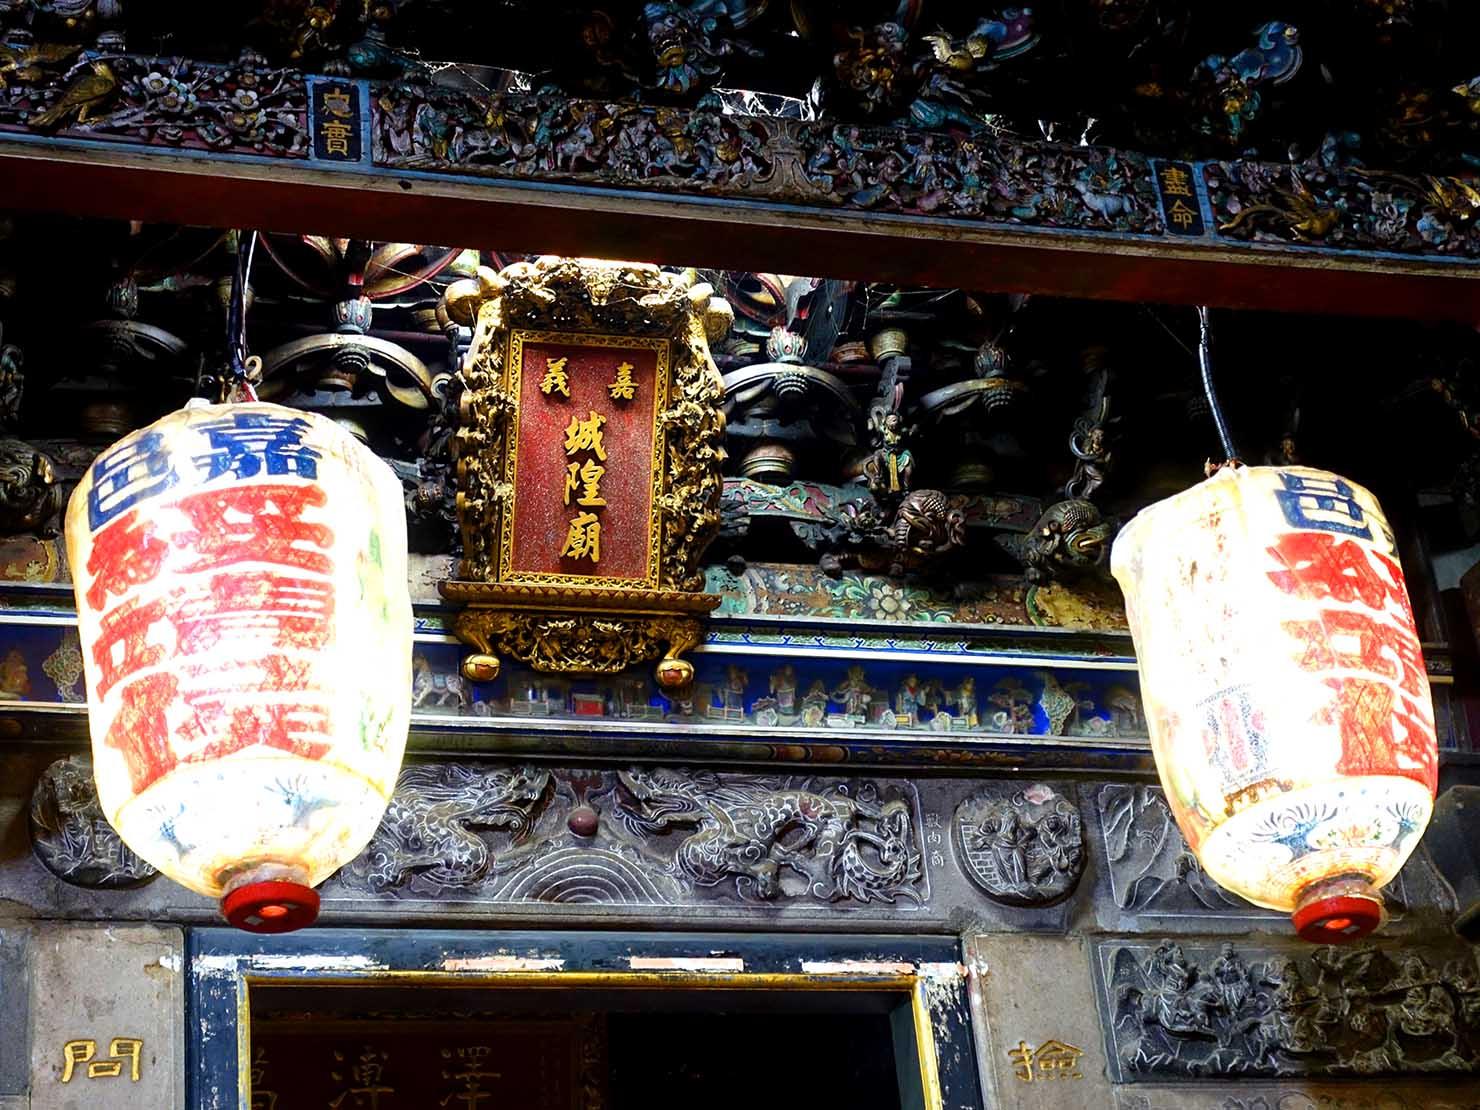 嘉義のおすすめ観光スポット「嘉義城隍廟」の入り口